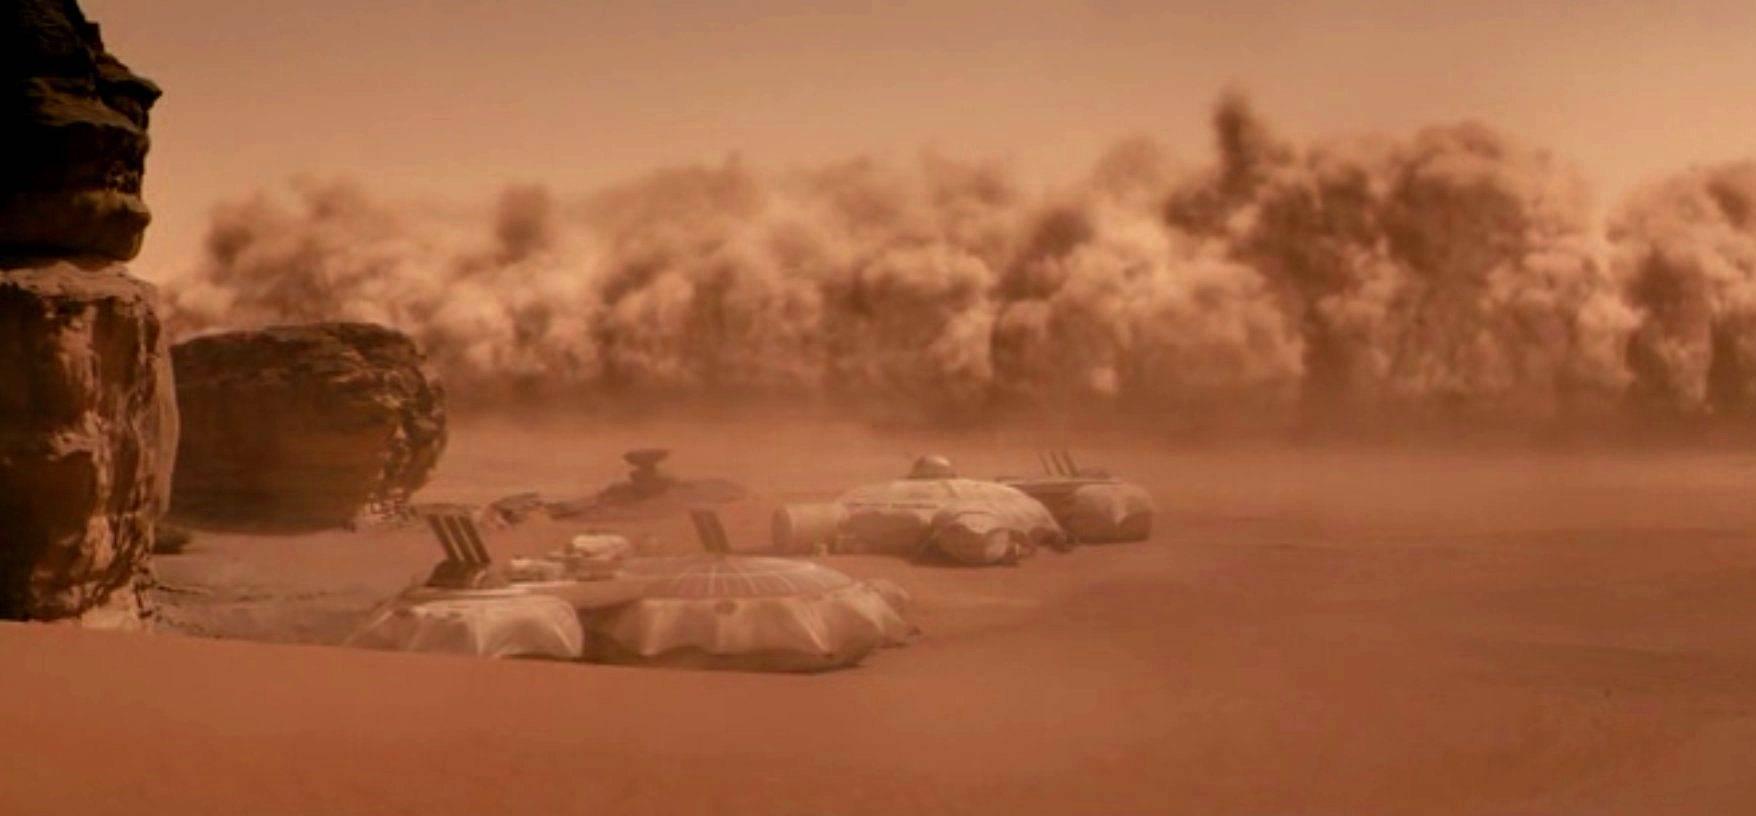 На Марсе началась пылевая буря планетарного масштаба